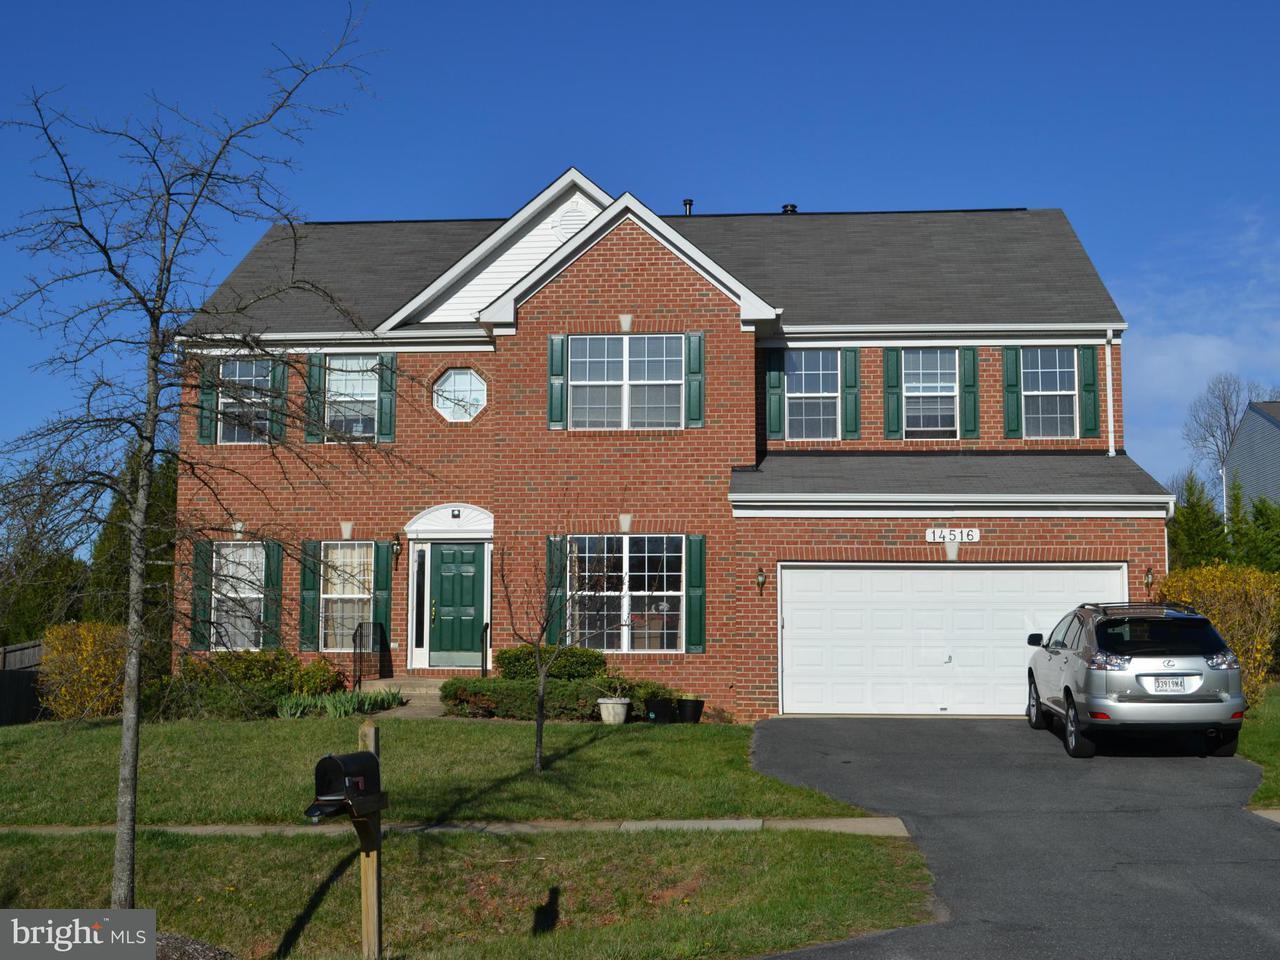 Casa Unifamiliar por un Venta en 14516 BUBBLING SPRING Road 14516 BUBBLING SPRING Road Boyds, Maryland 20841 Estados Unidos